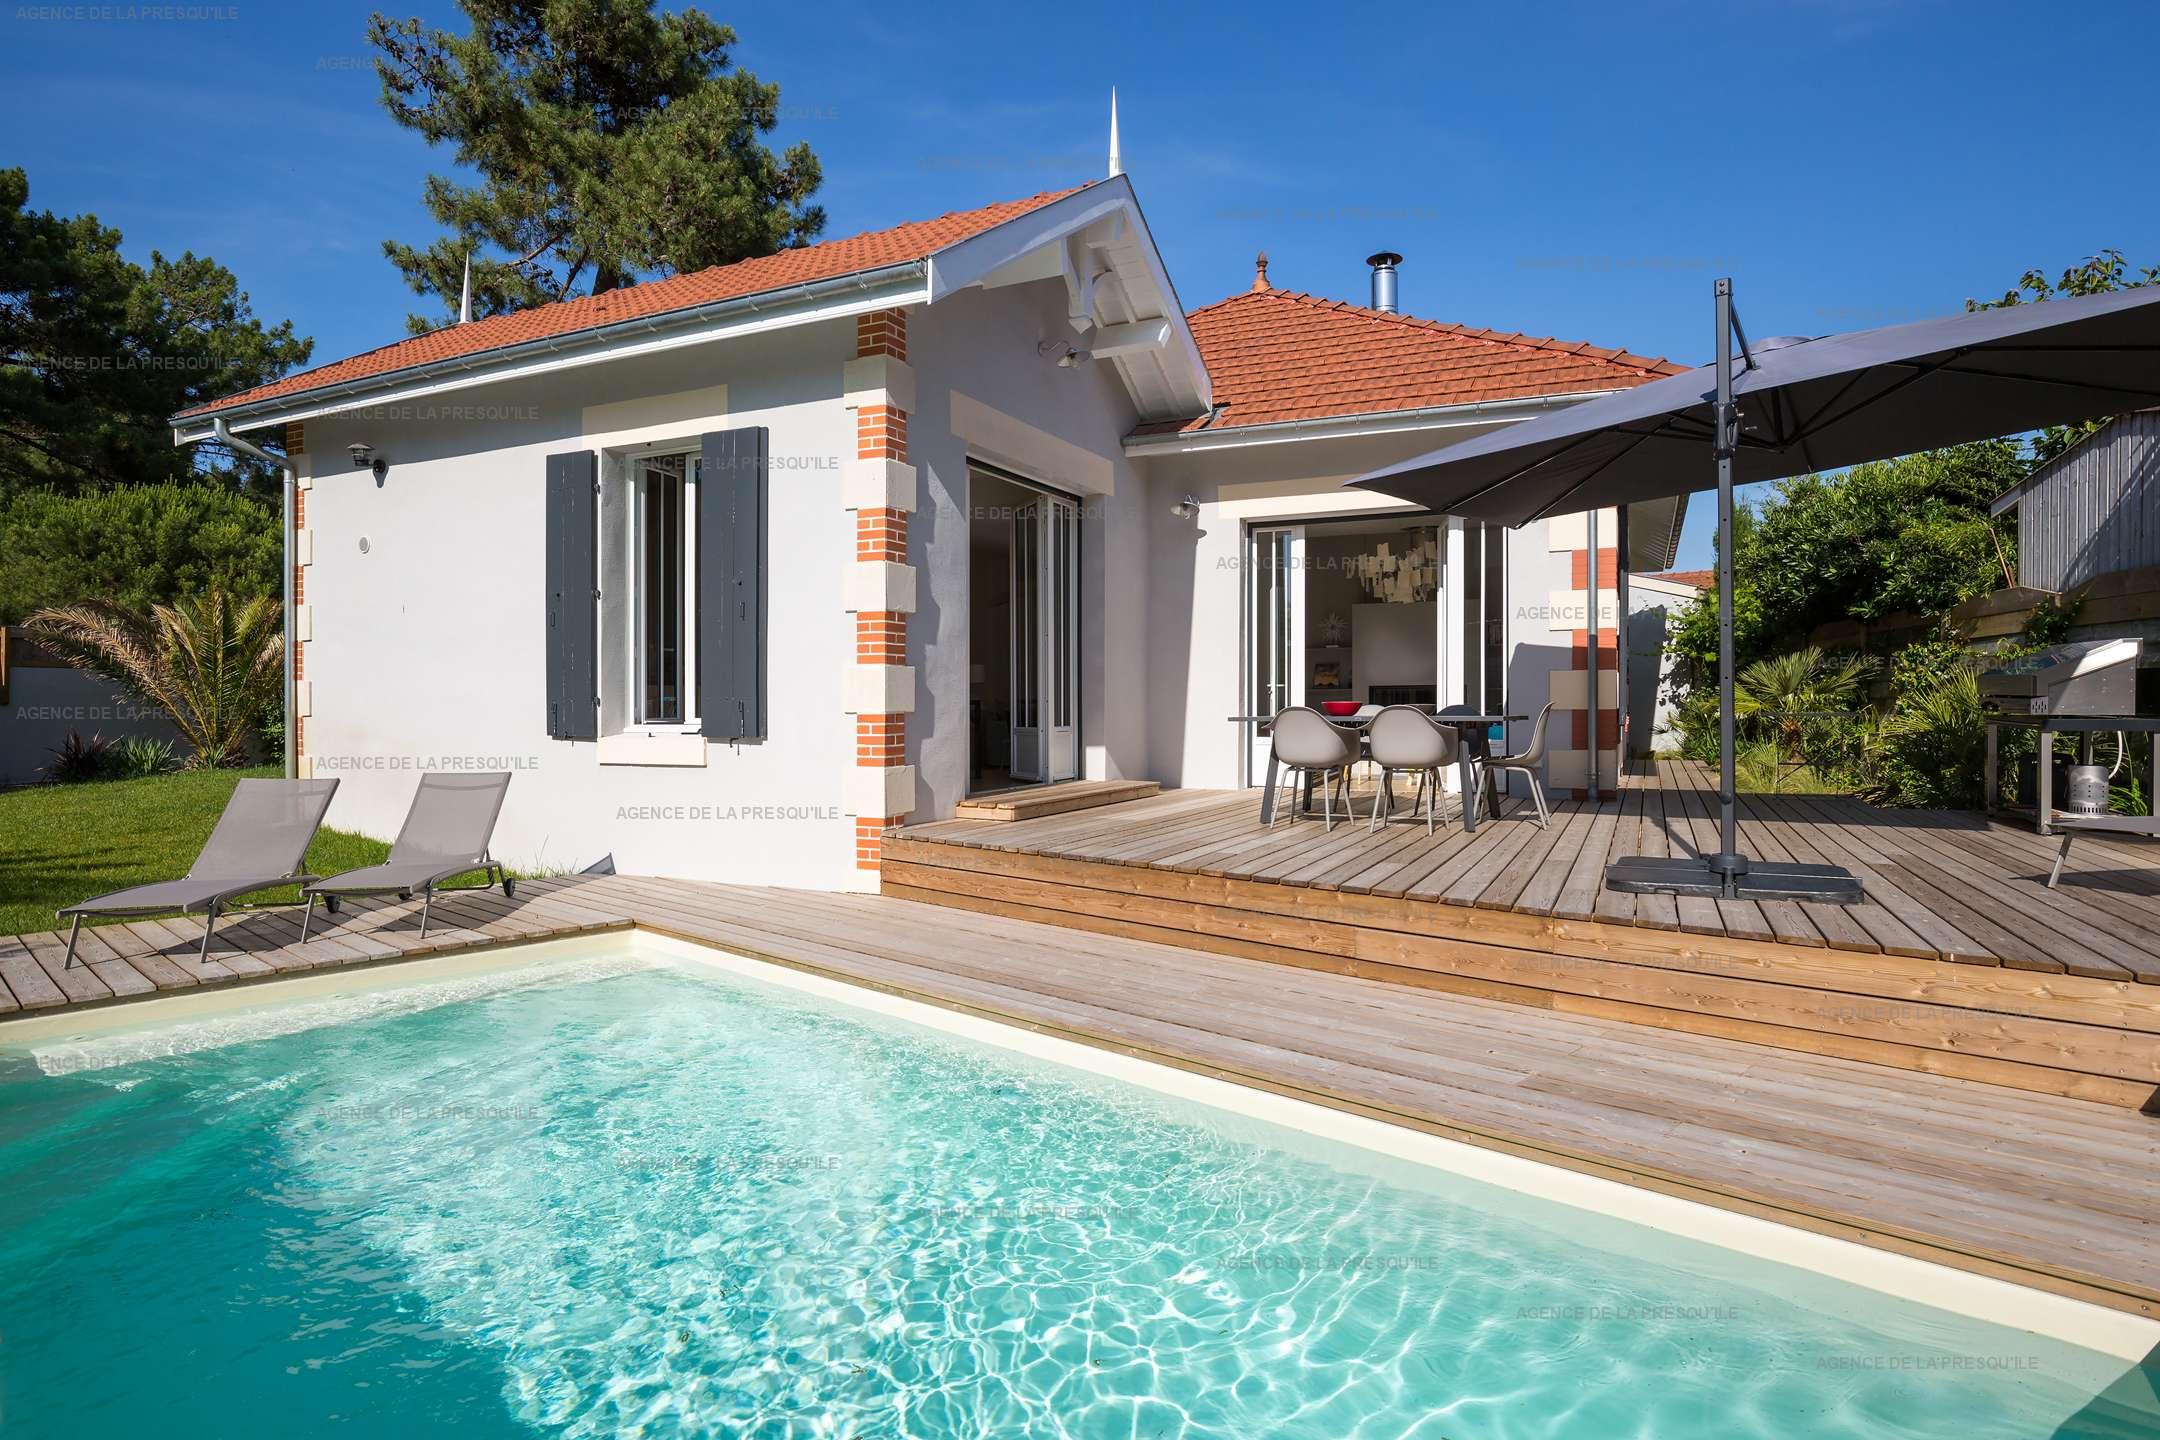 Location: Très belle villa avec piscine au centre du cap-ferret 2